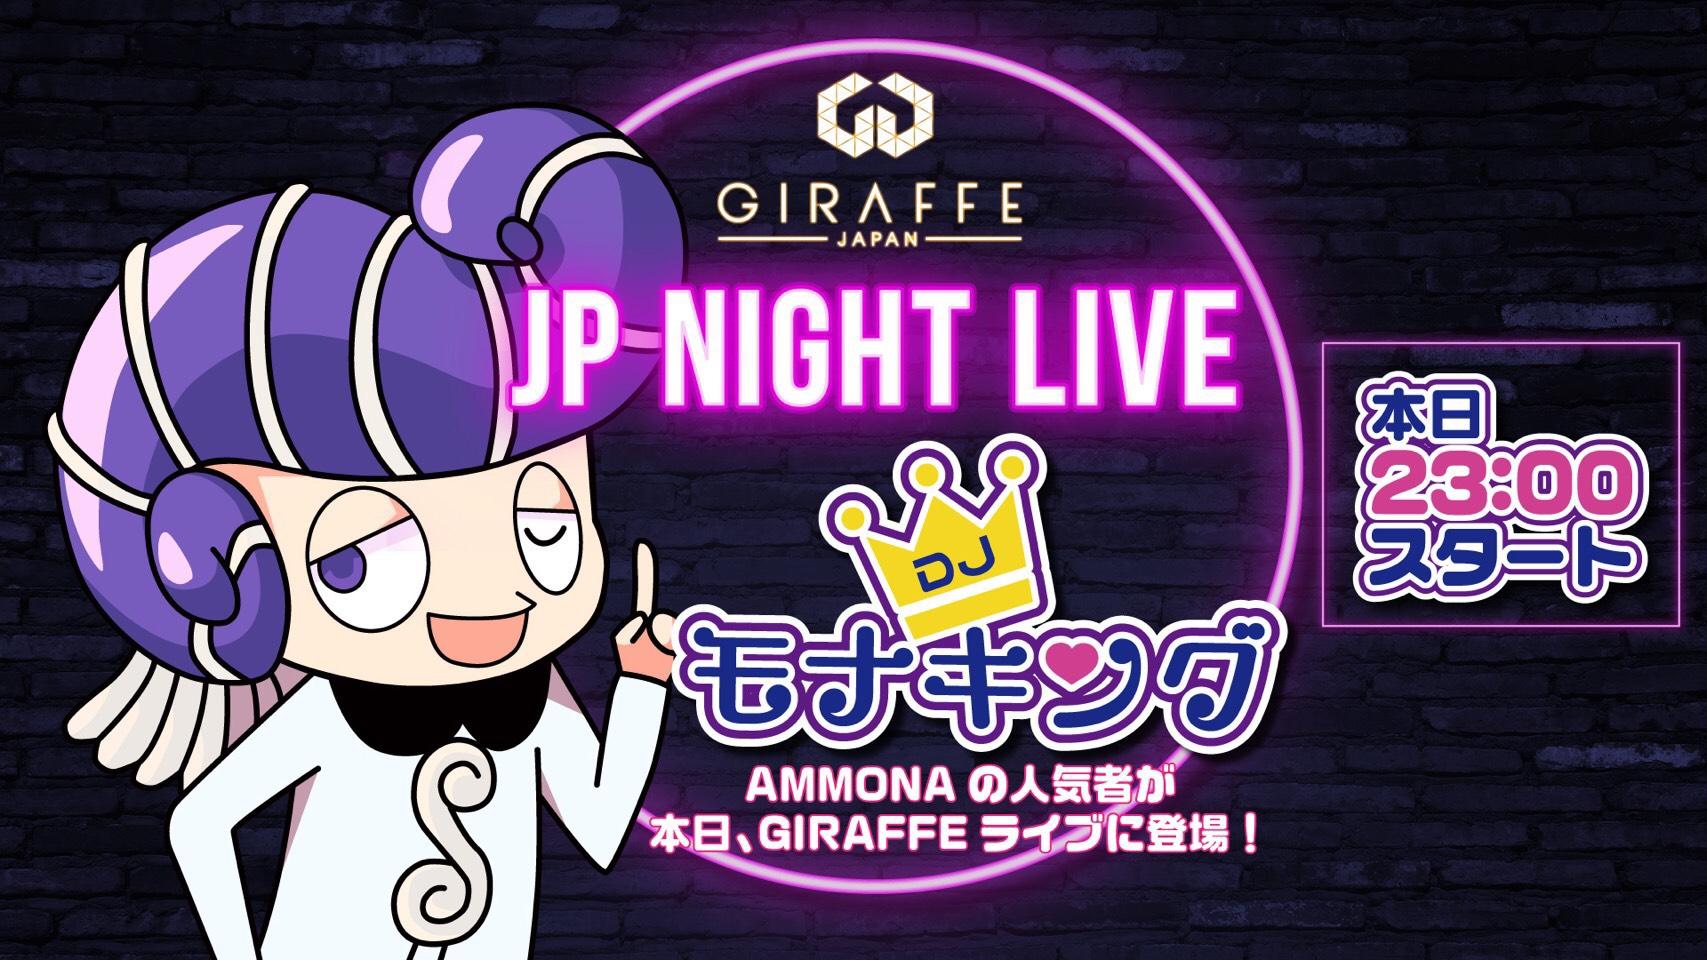 4月12日(日) 大阪GIRAFFE JAPANでモナキングがJP-NIGHTによる生配信!